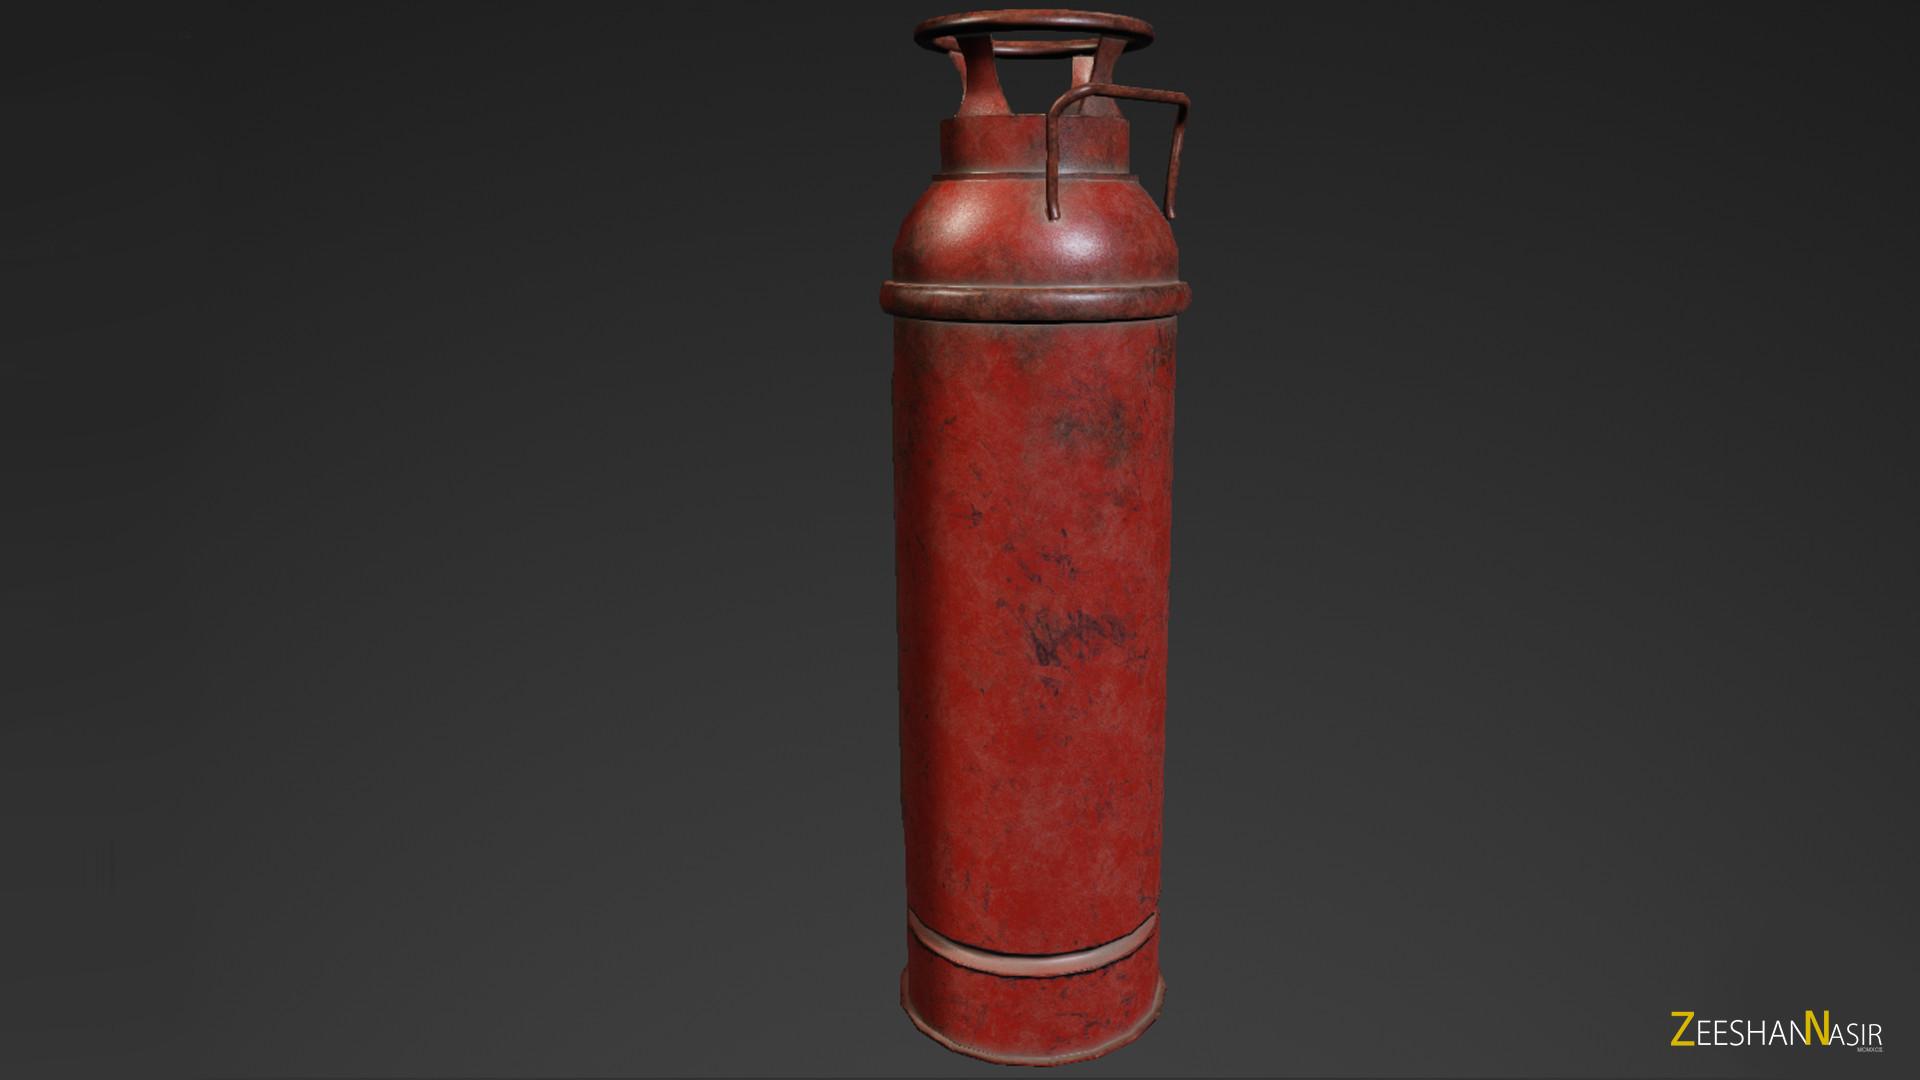 Zeeshan nasir fireextinguisher render 04